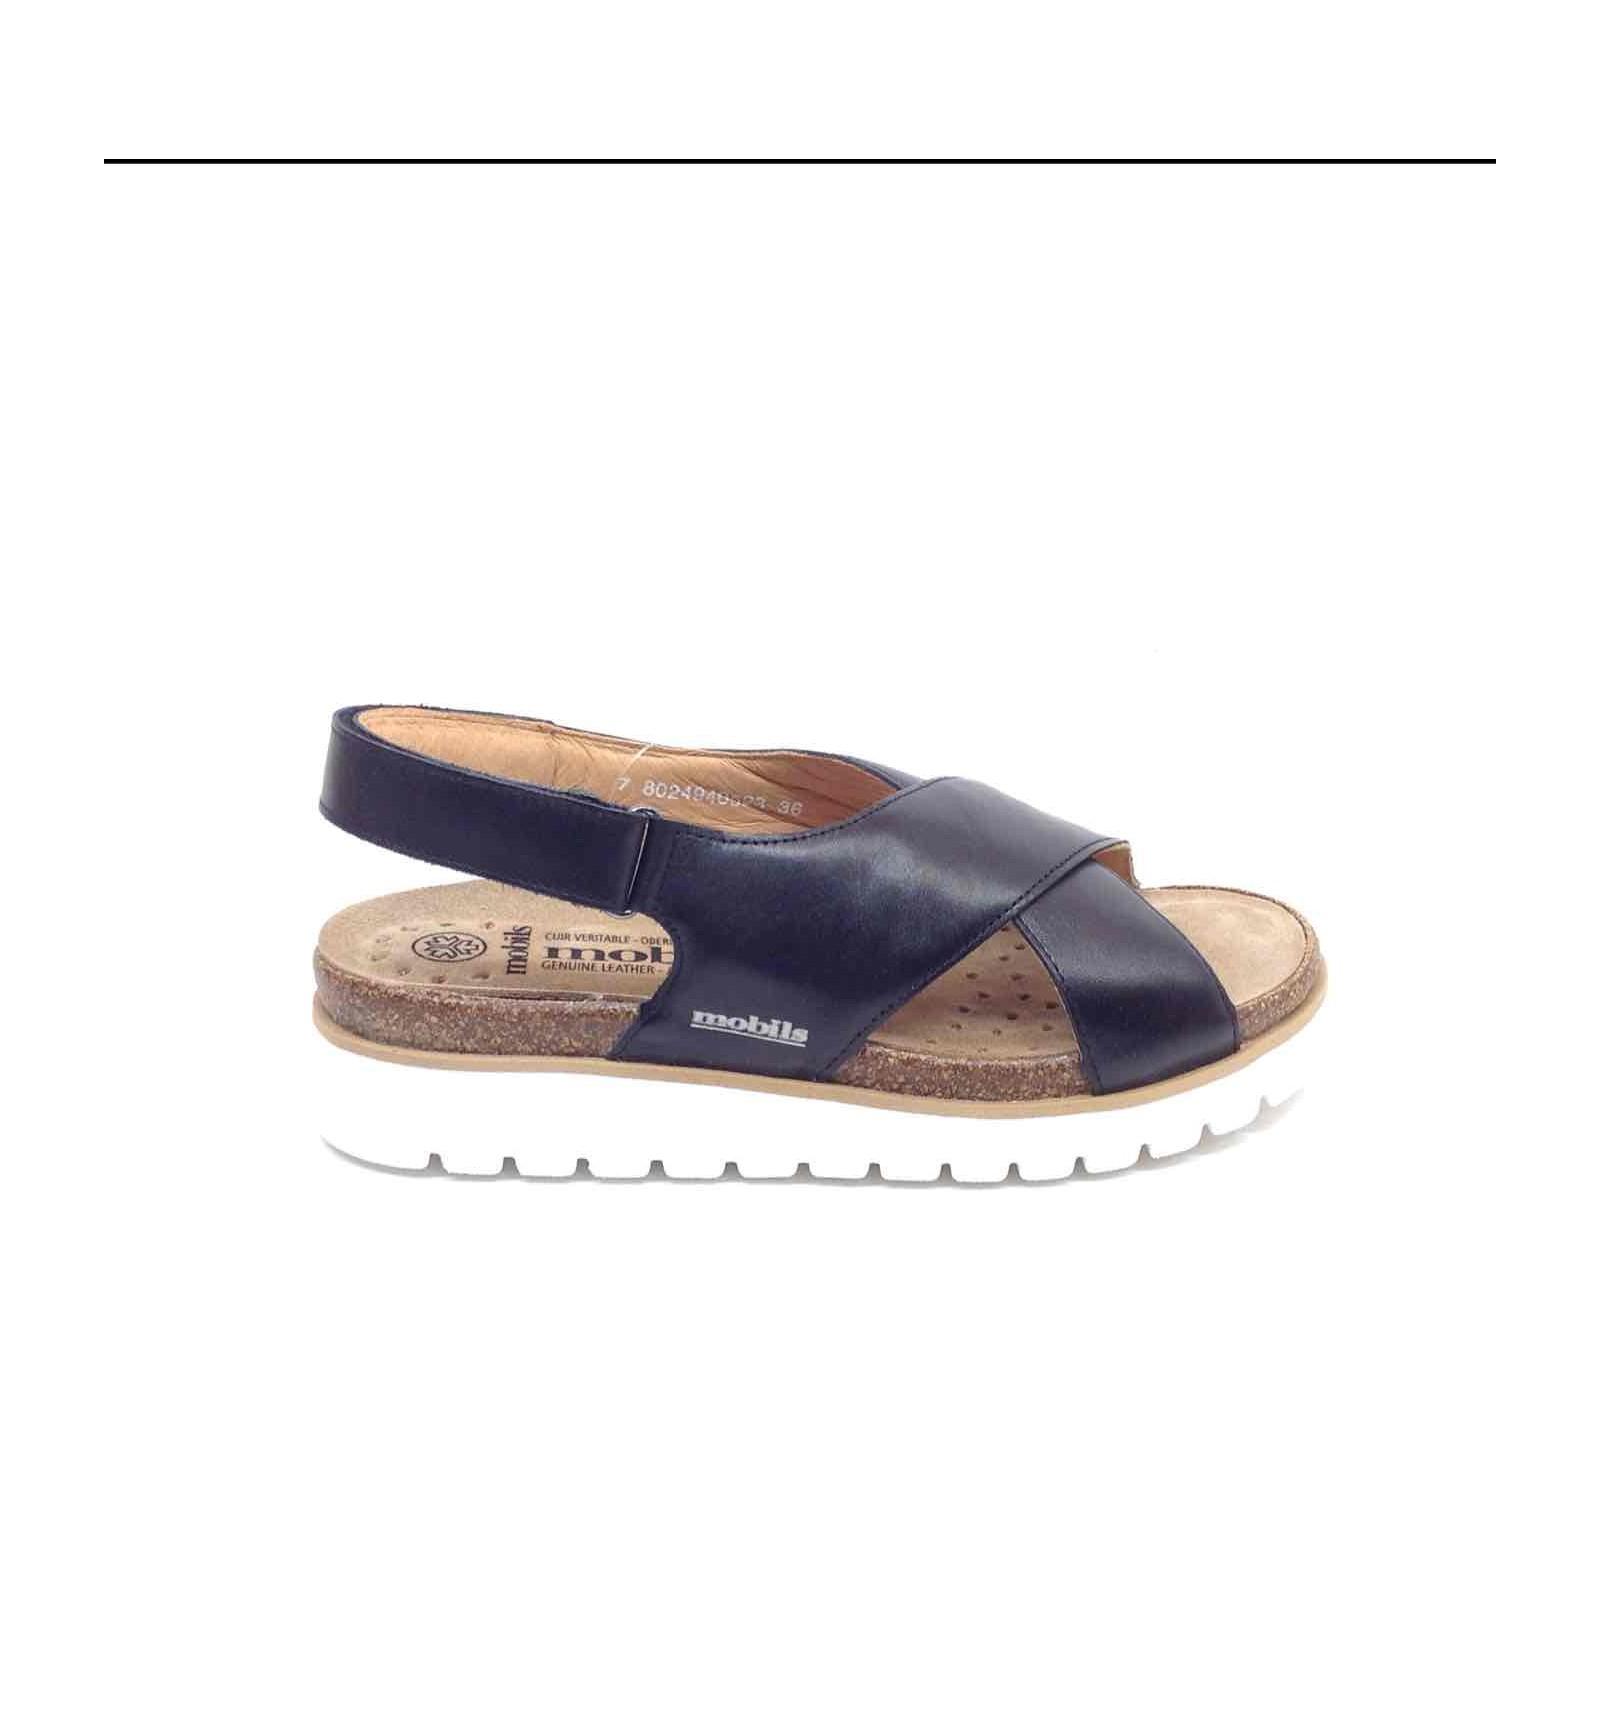 Sandalo Con Estraibile Mobils By Plantare 4rq5j3la Tally Donna Mephisto QhrxsCtd